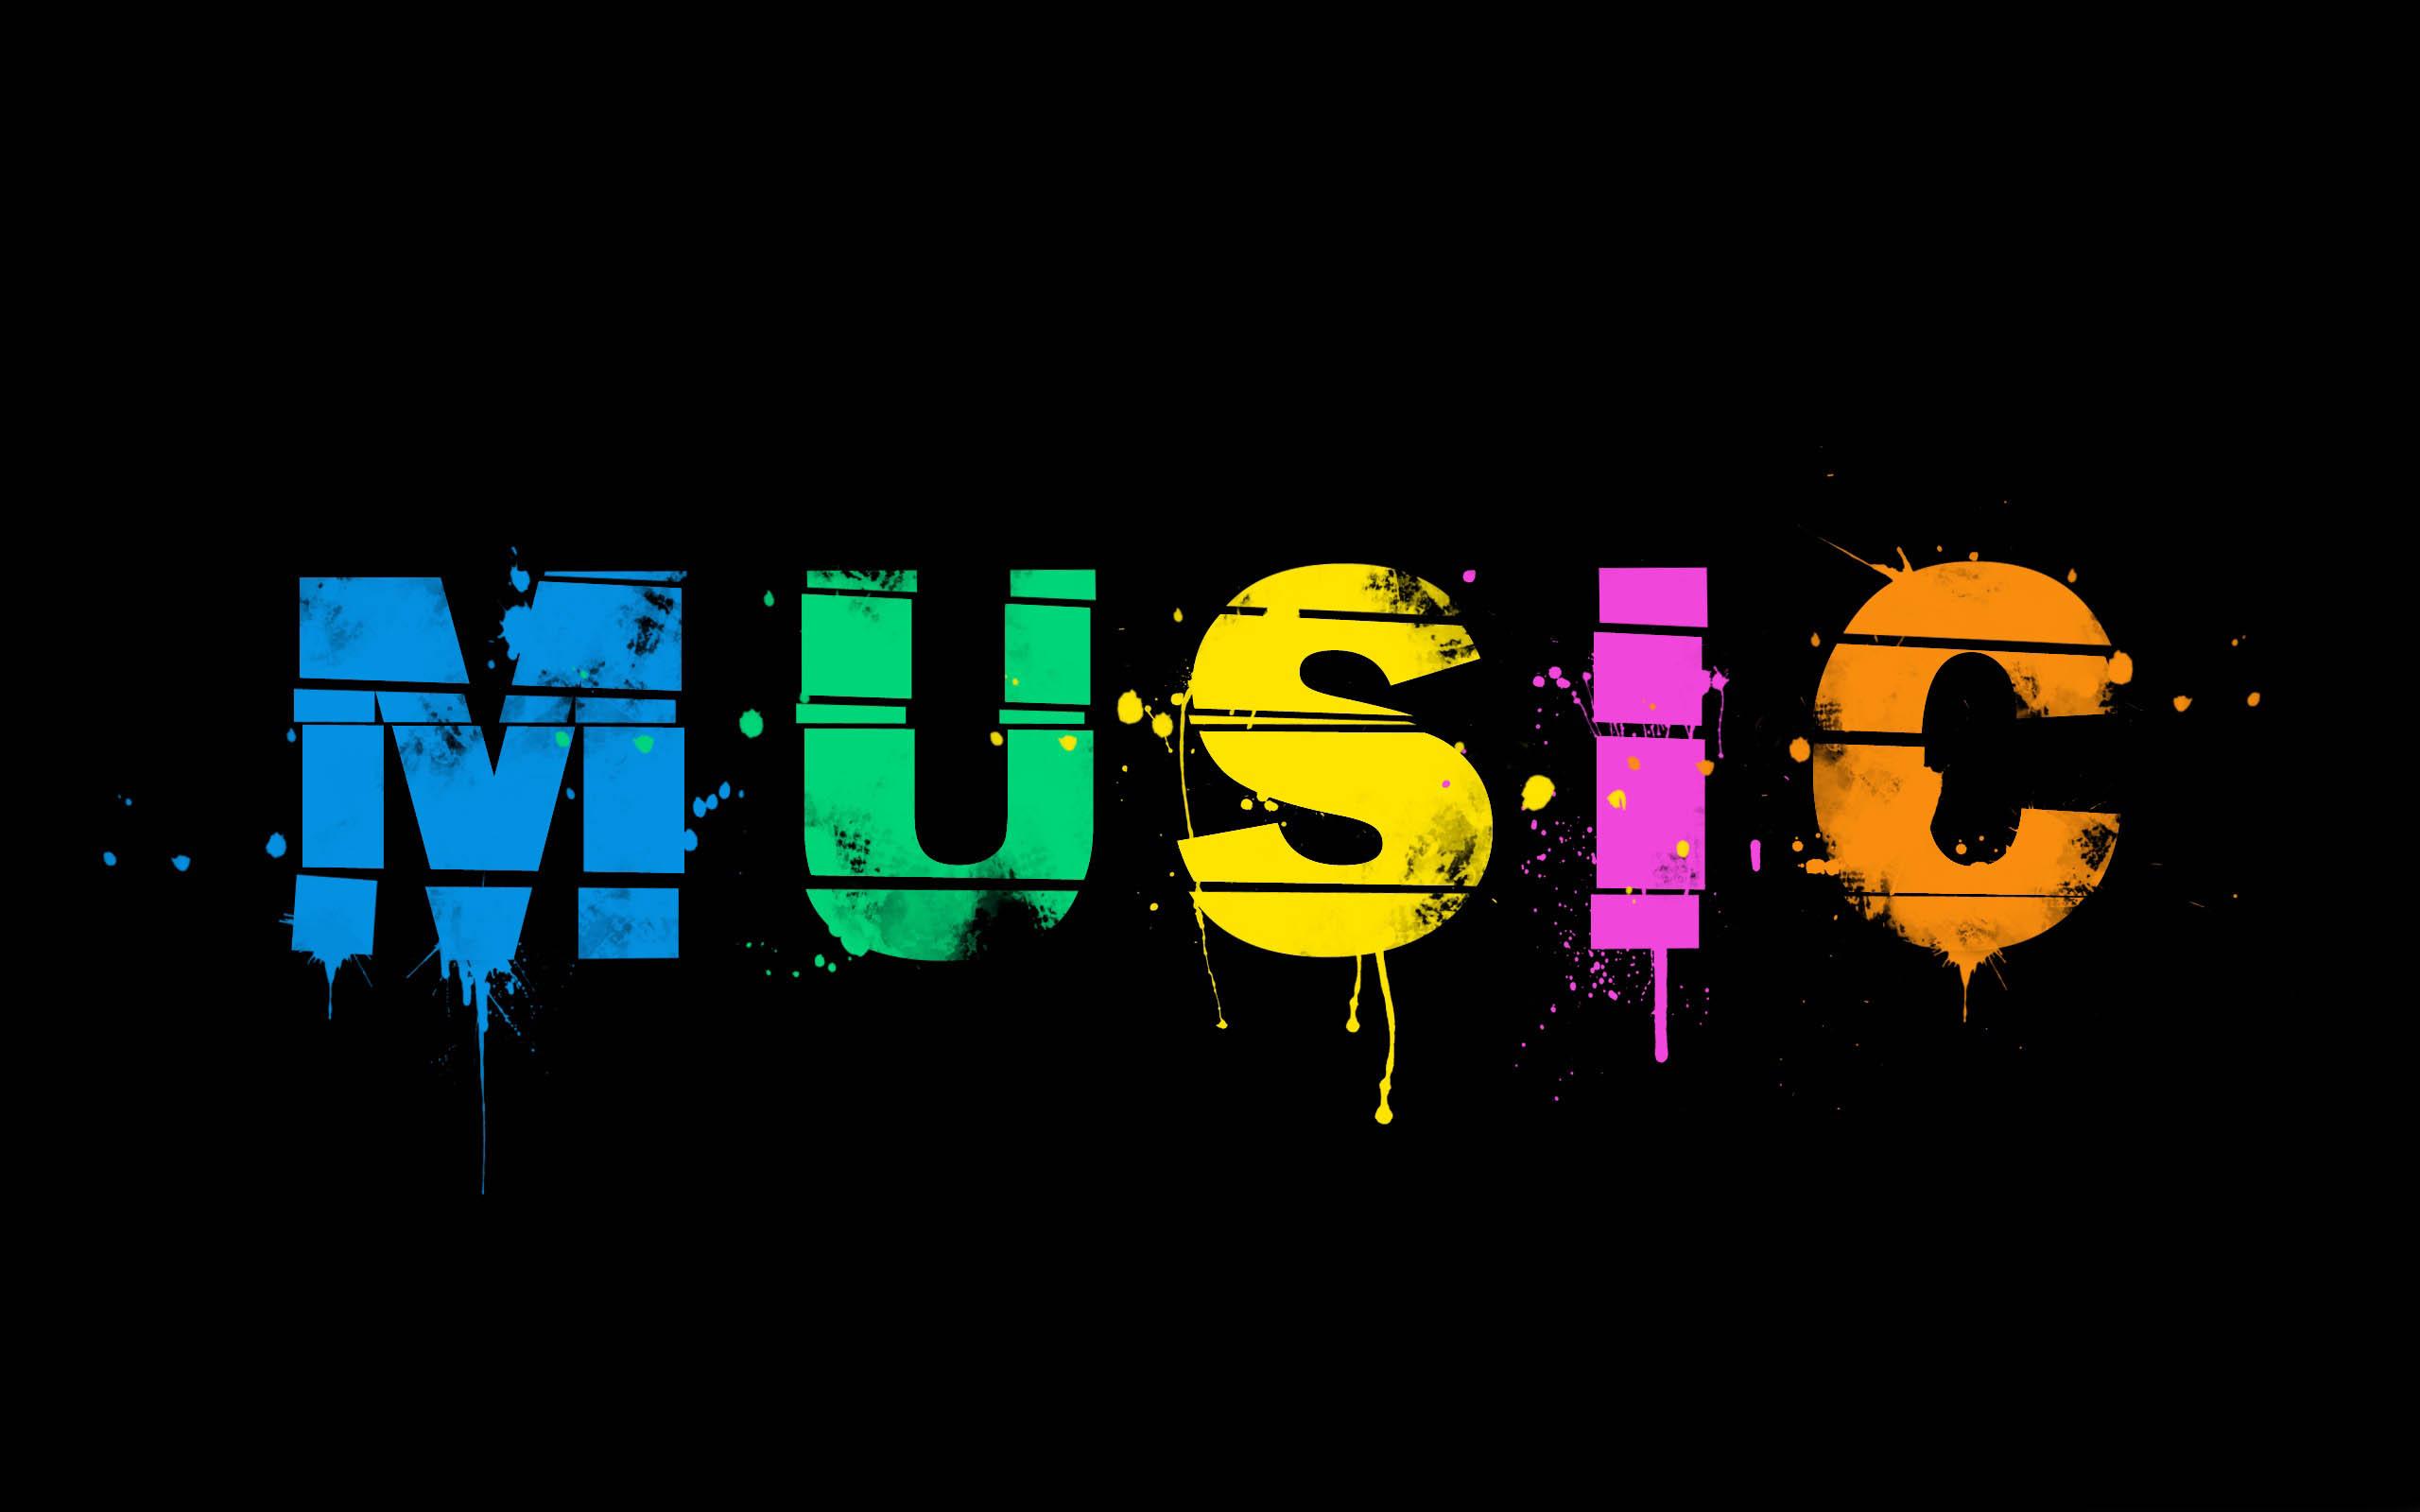 چرا برچسب های ضبط شده چنین تأثیر چشمگیری بر صنعت موسیقی دارند